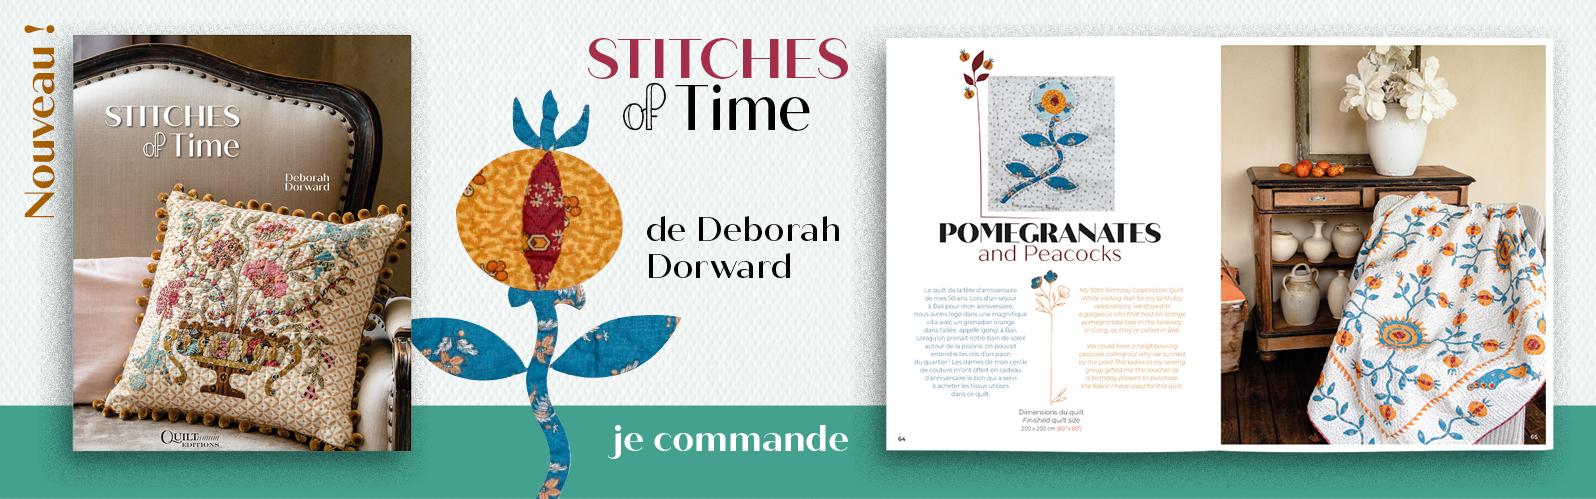 Bannière Stitches of Time - Deborah Dorward